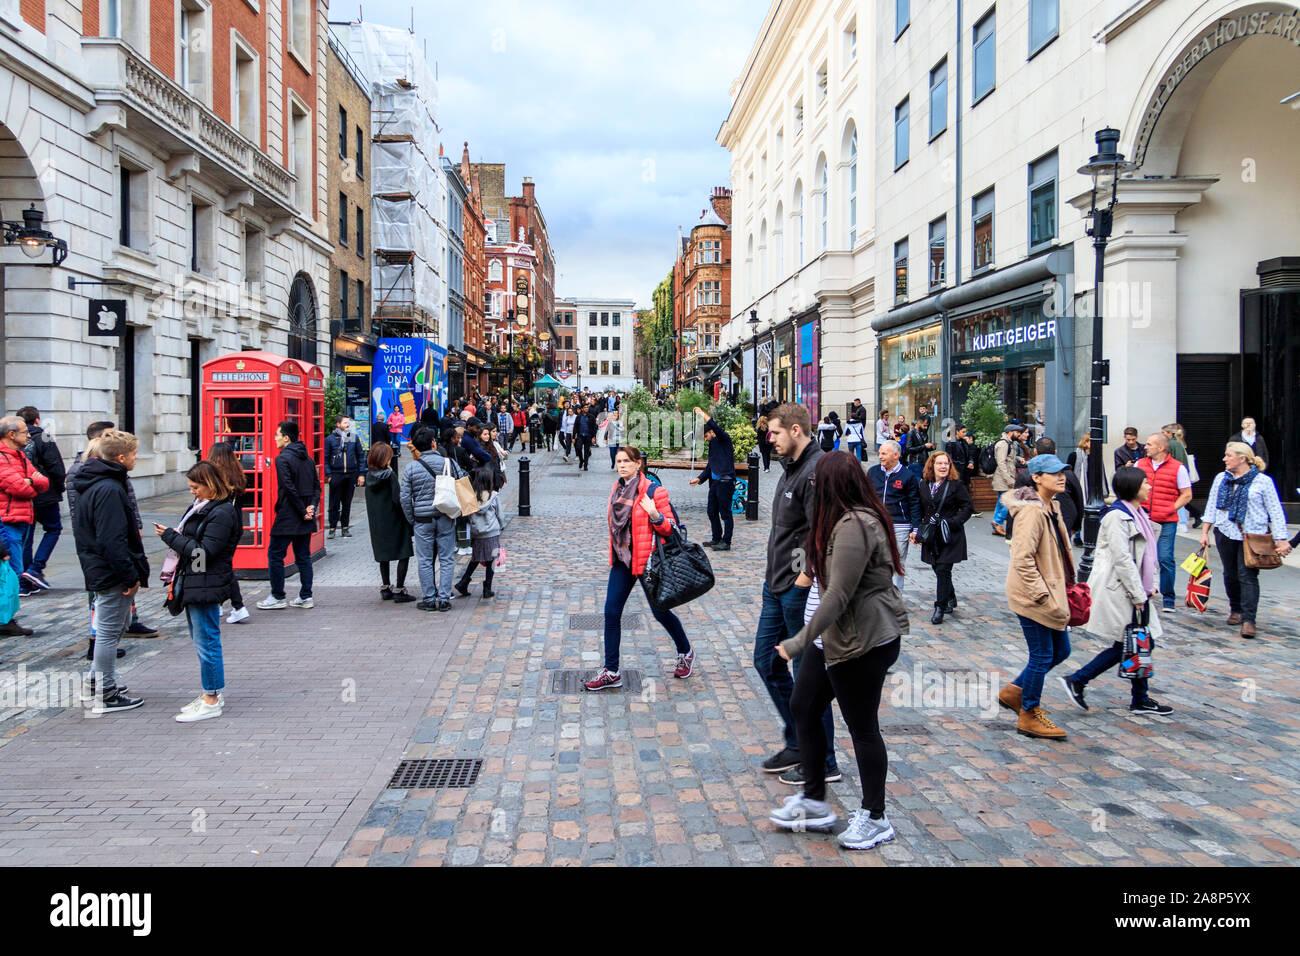 Gli amanti dello shopping e ai turisti di James Street, Covent Garden di Londra, Regno Unito Foto Stock